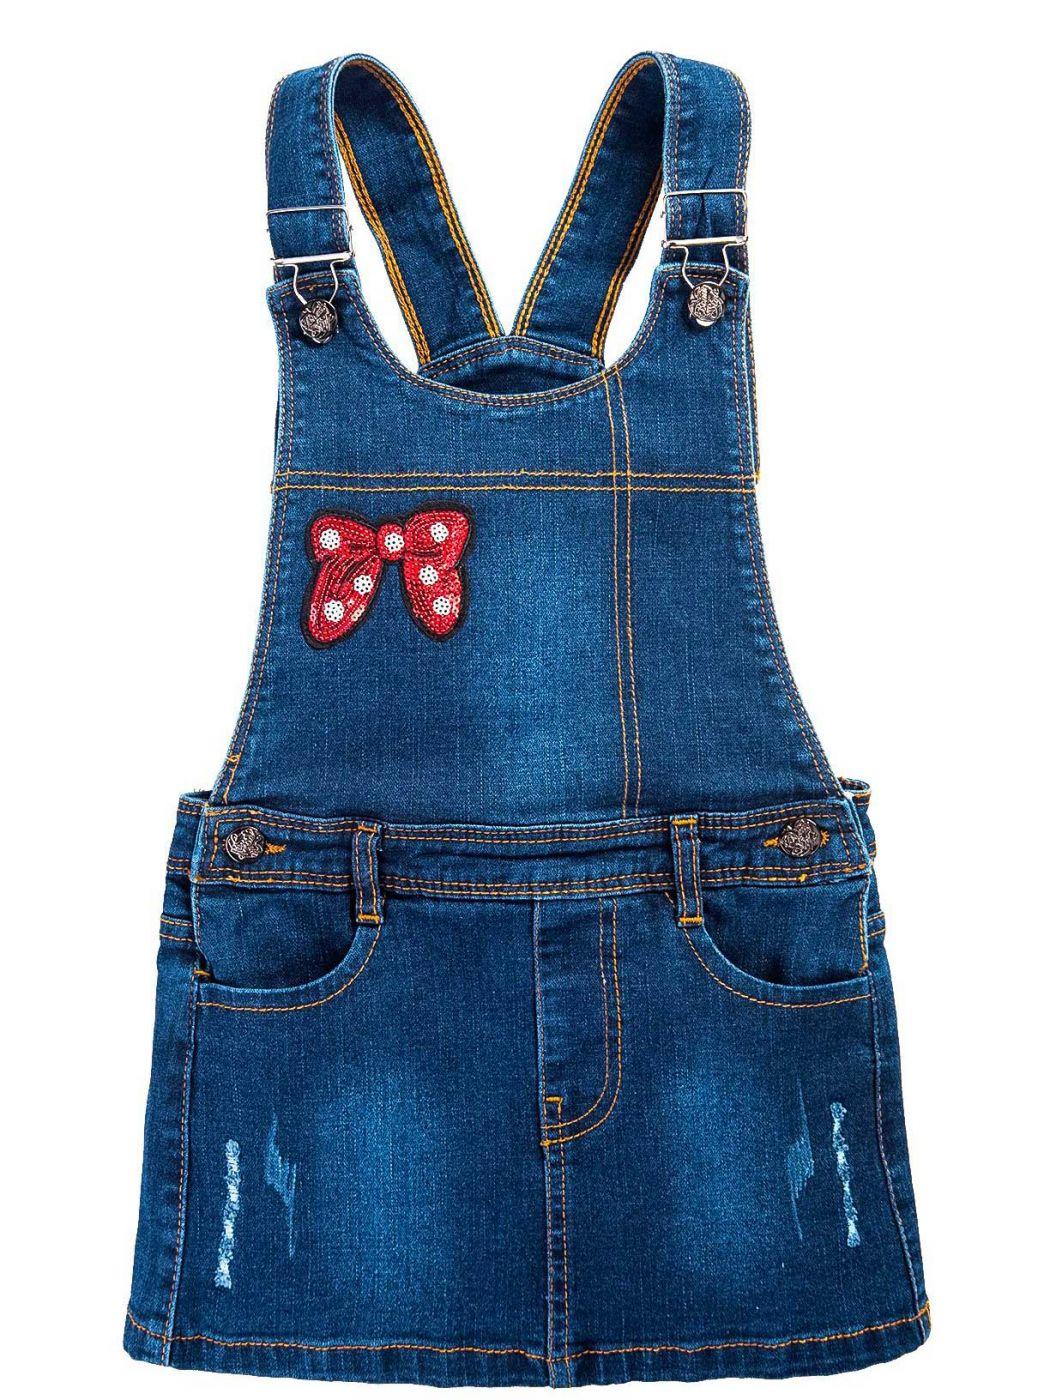 Сарафан джинсовый для девочки 3-7 лет Bonito BJ742C